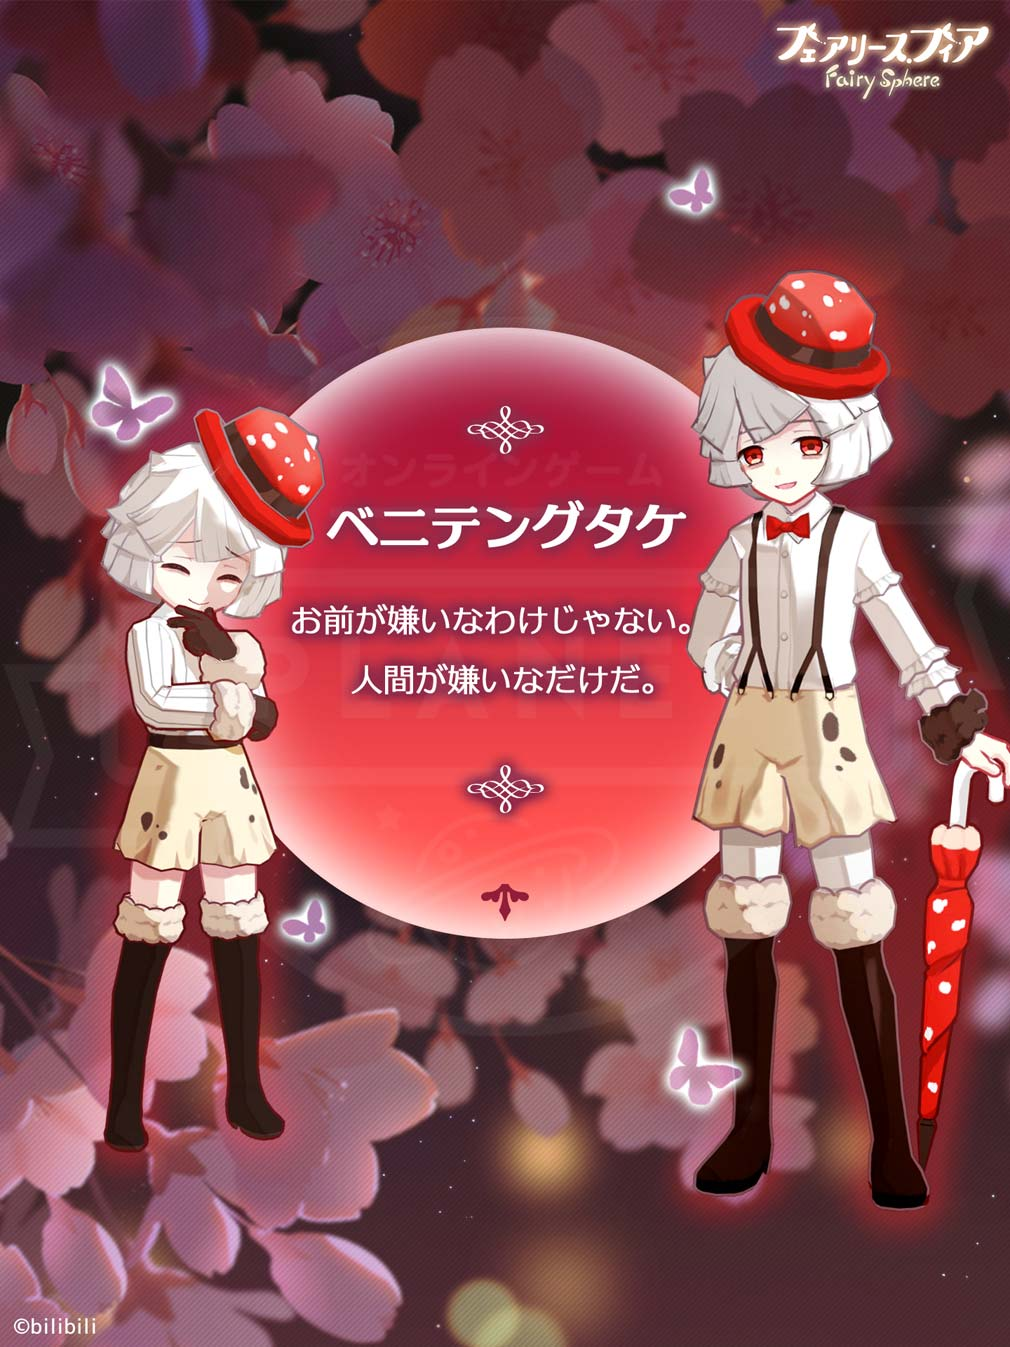 フェアリースフィア(フェアリス) 妖精キャラクター『ベニテングタケ』紹介イメージ